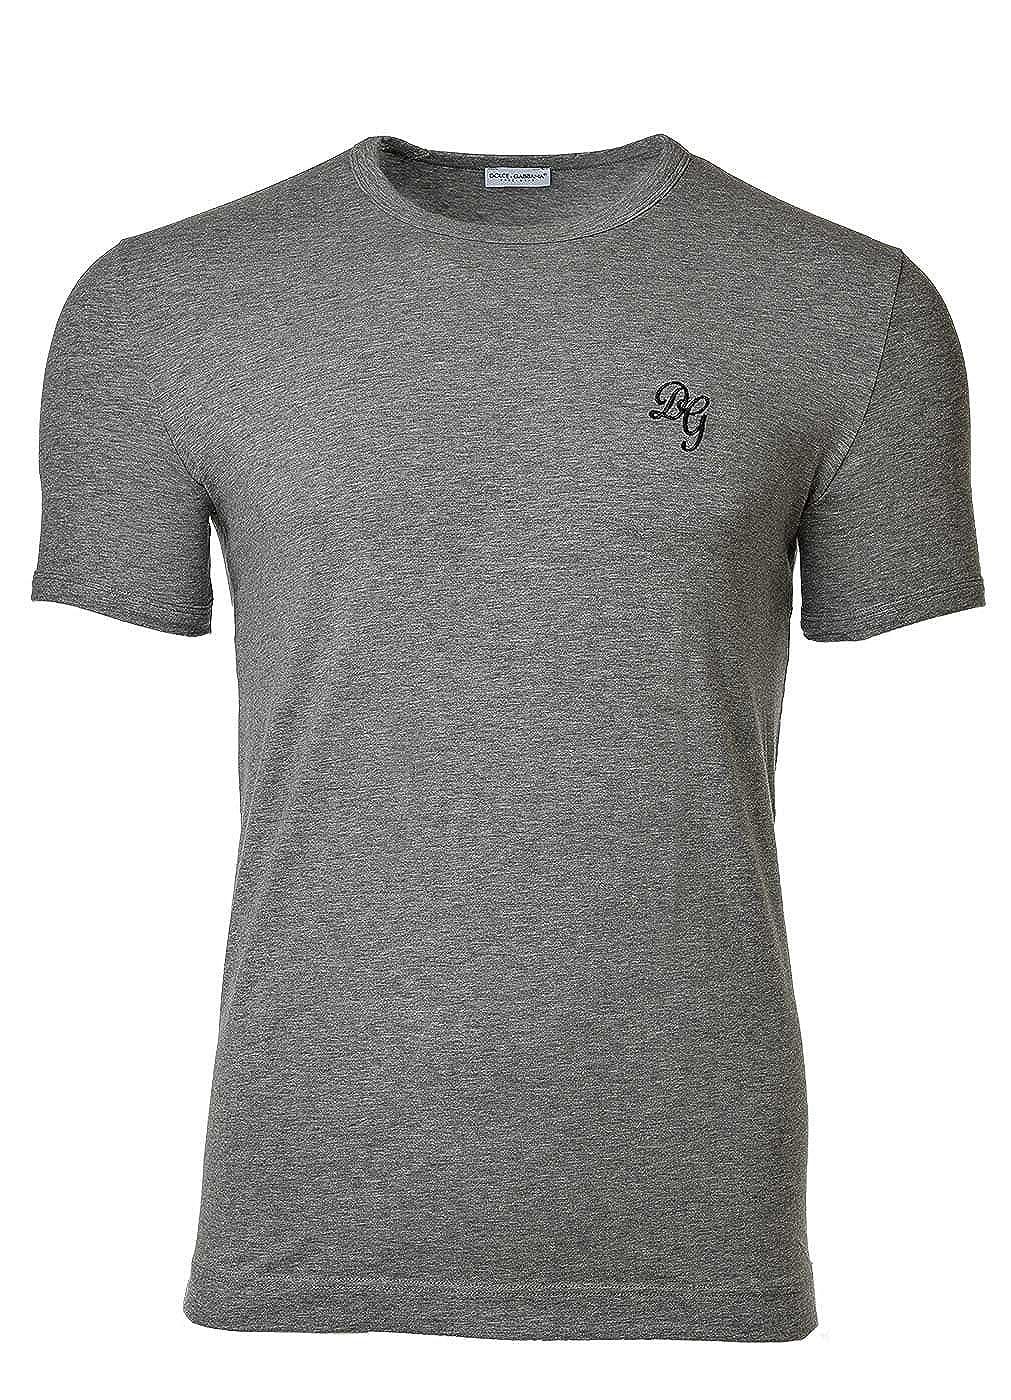 Dolce & Gabbana Camiseta para Hombres, Ropa Interior, Girocollo, Cuello Redondo, Stretch de Algodón: Amazon.es: Ropa y accesorios